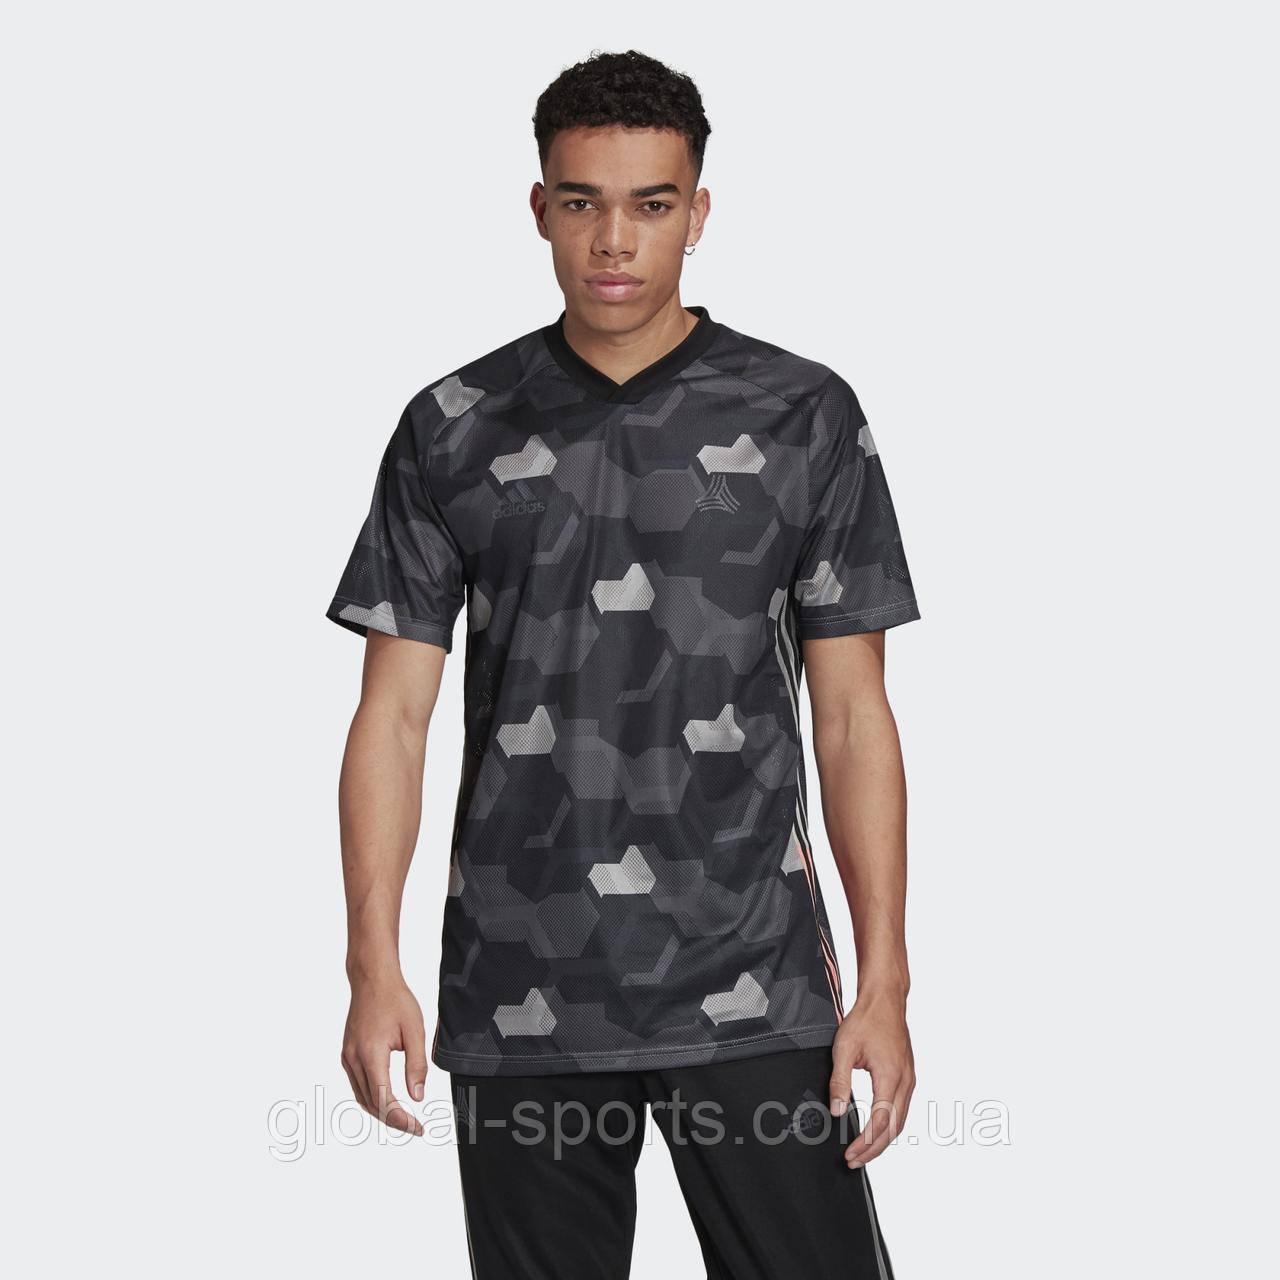 Мужская футболка Adidas TAN Tech Graphic(Артикул:FM0831)